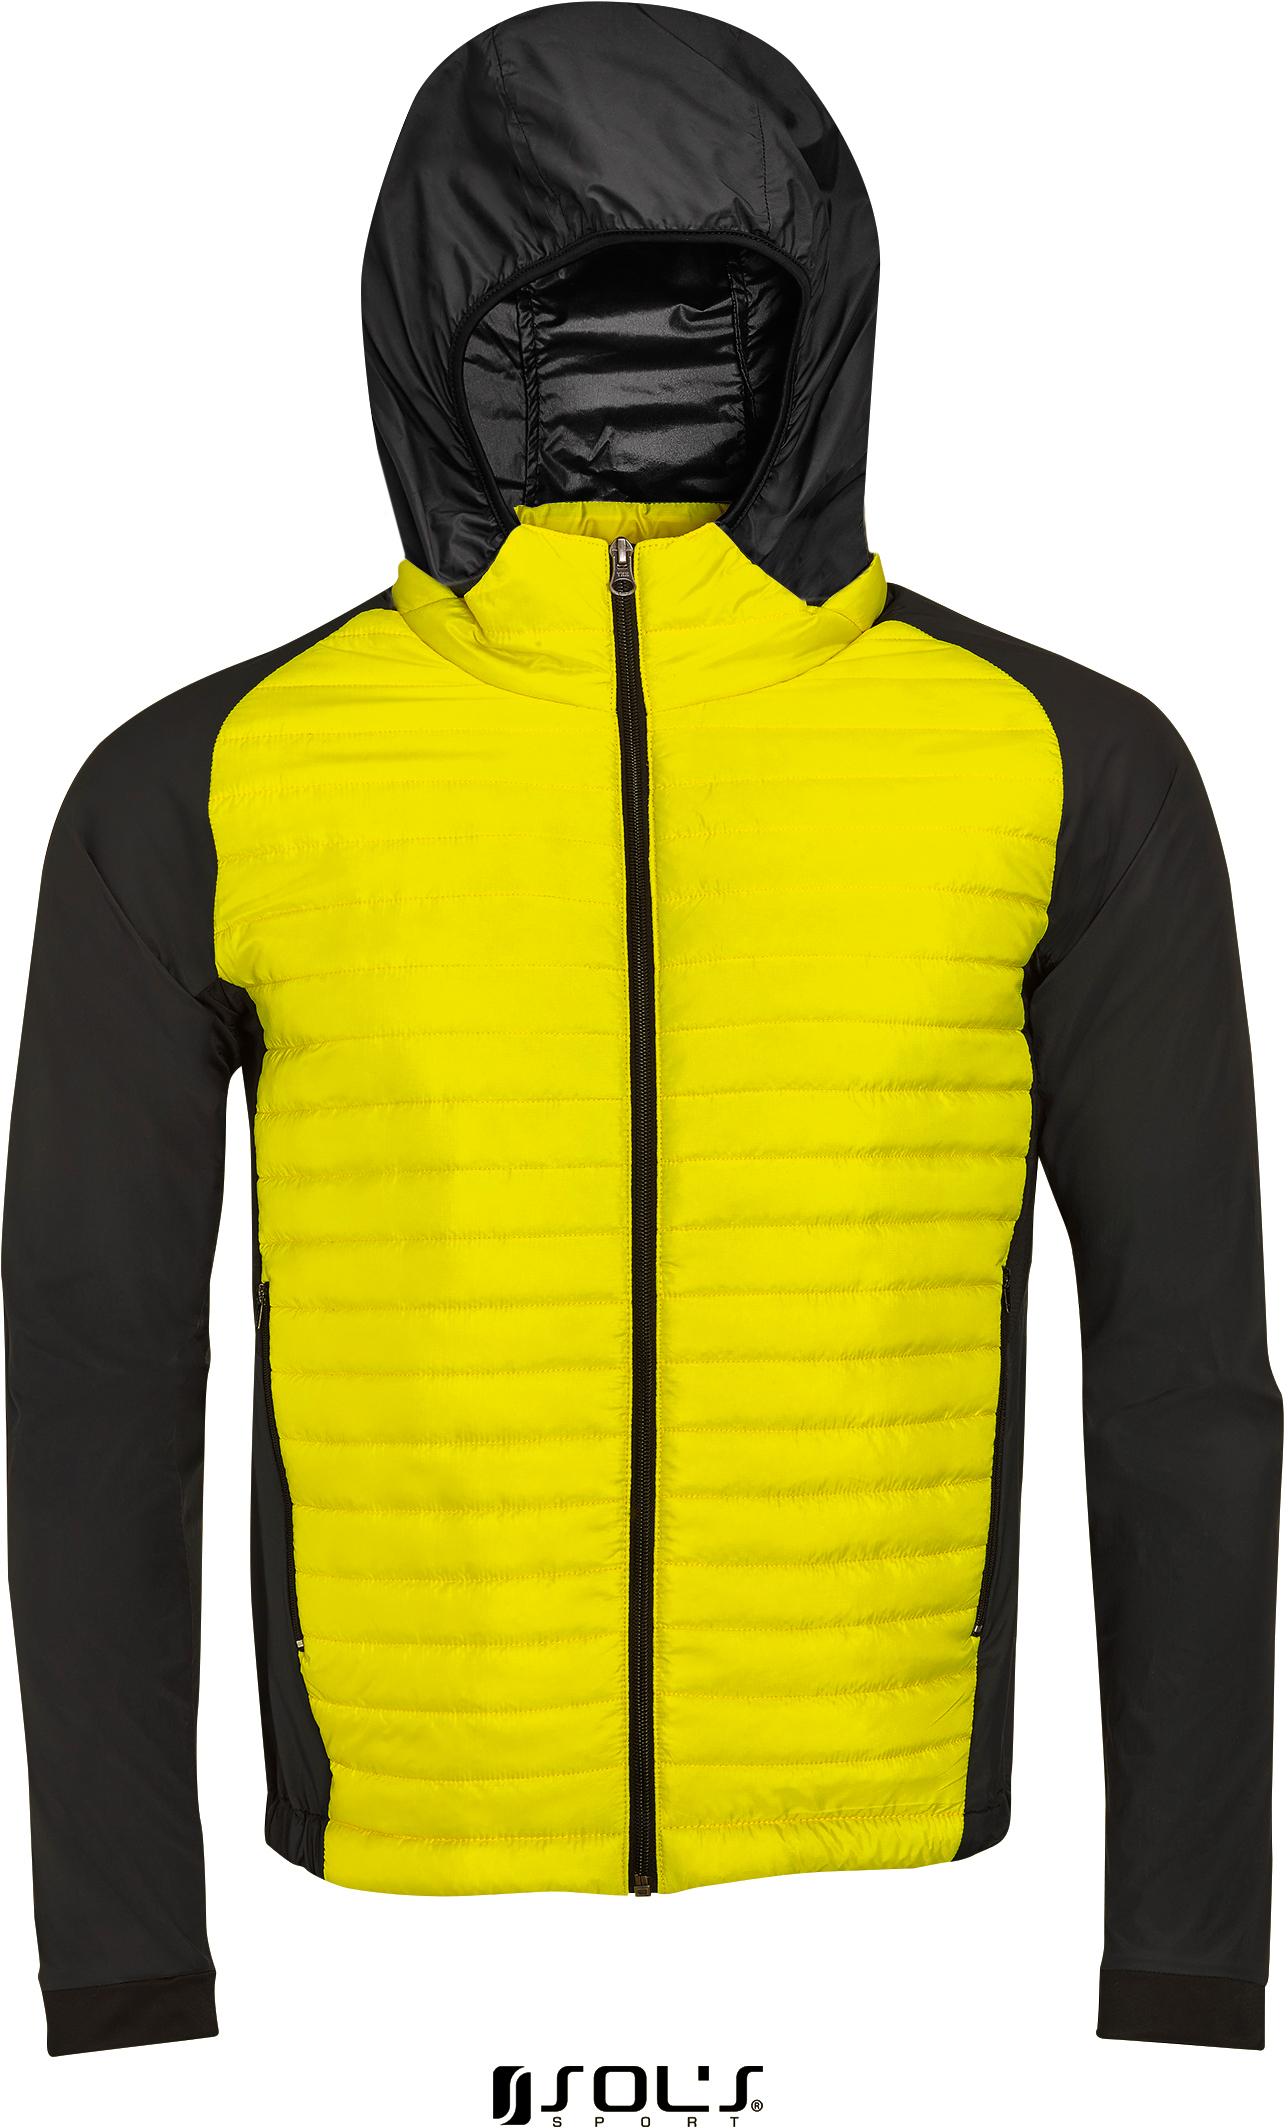 Pánska bežecká páperová bunda